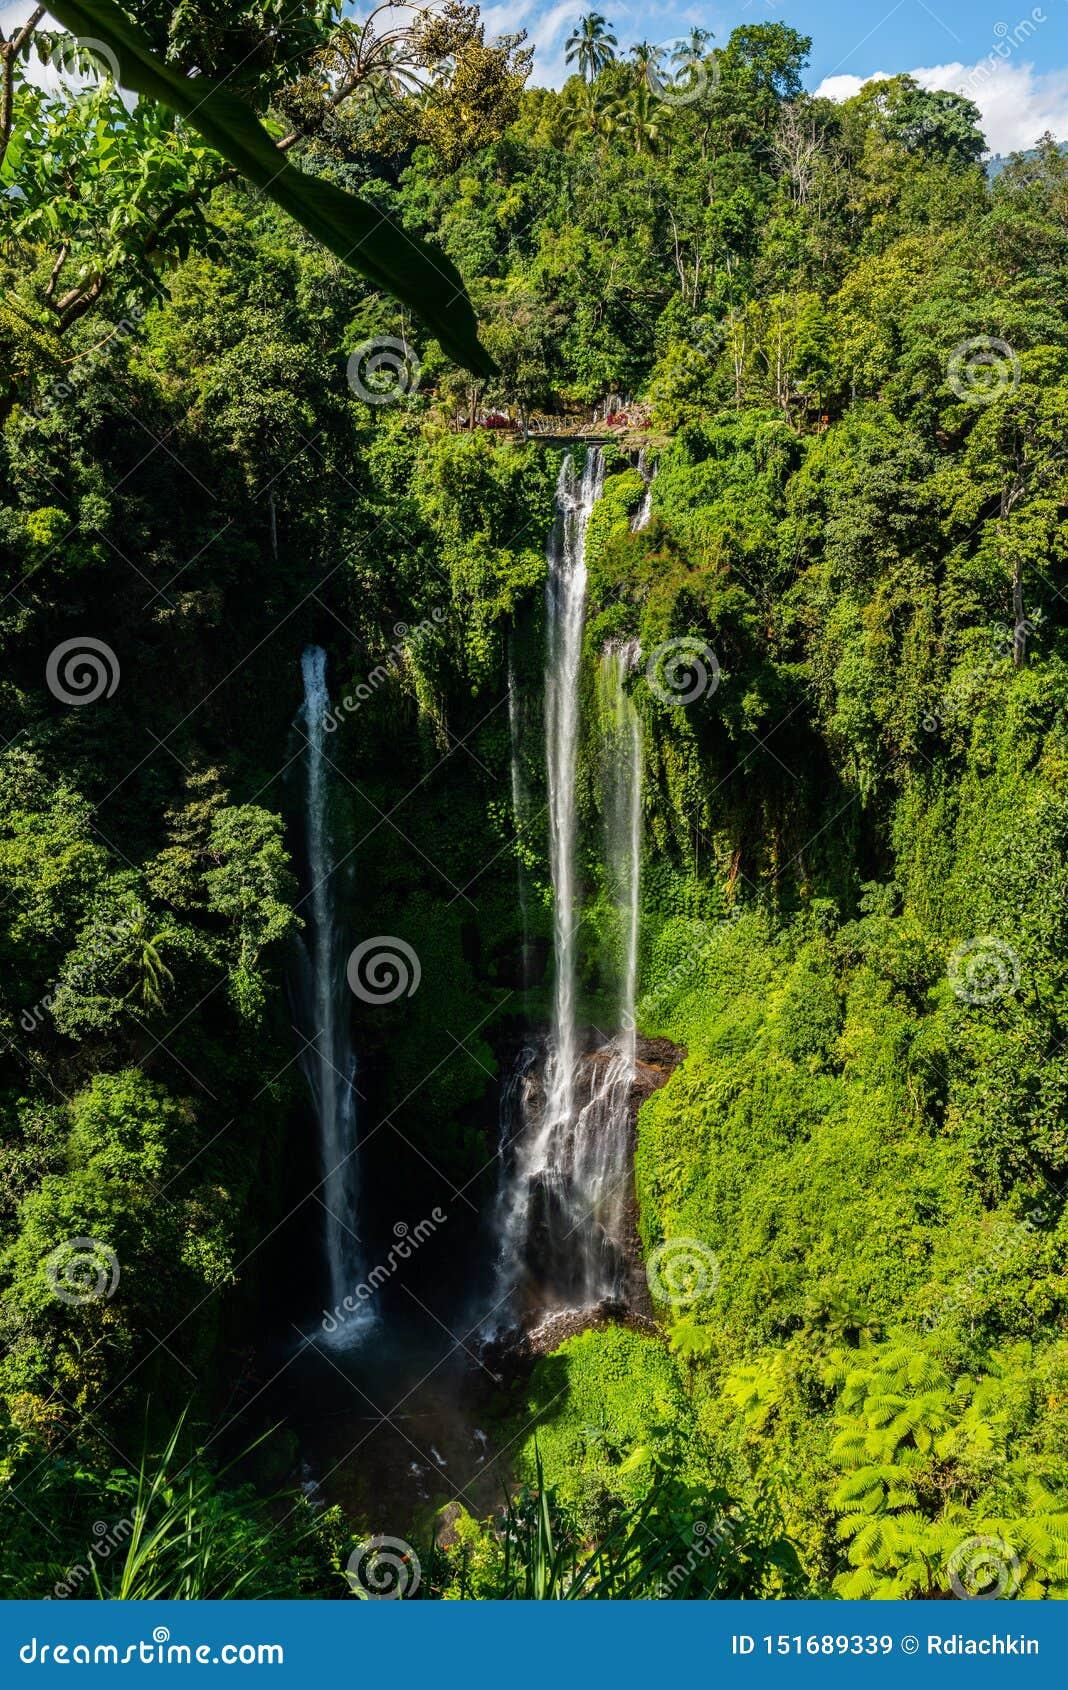 Beautiful the Sekumpul waterfall in Bali, Indonesia